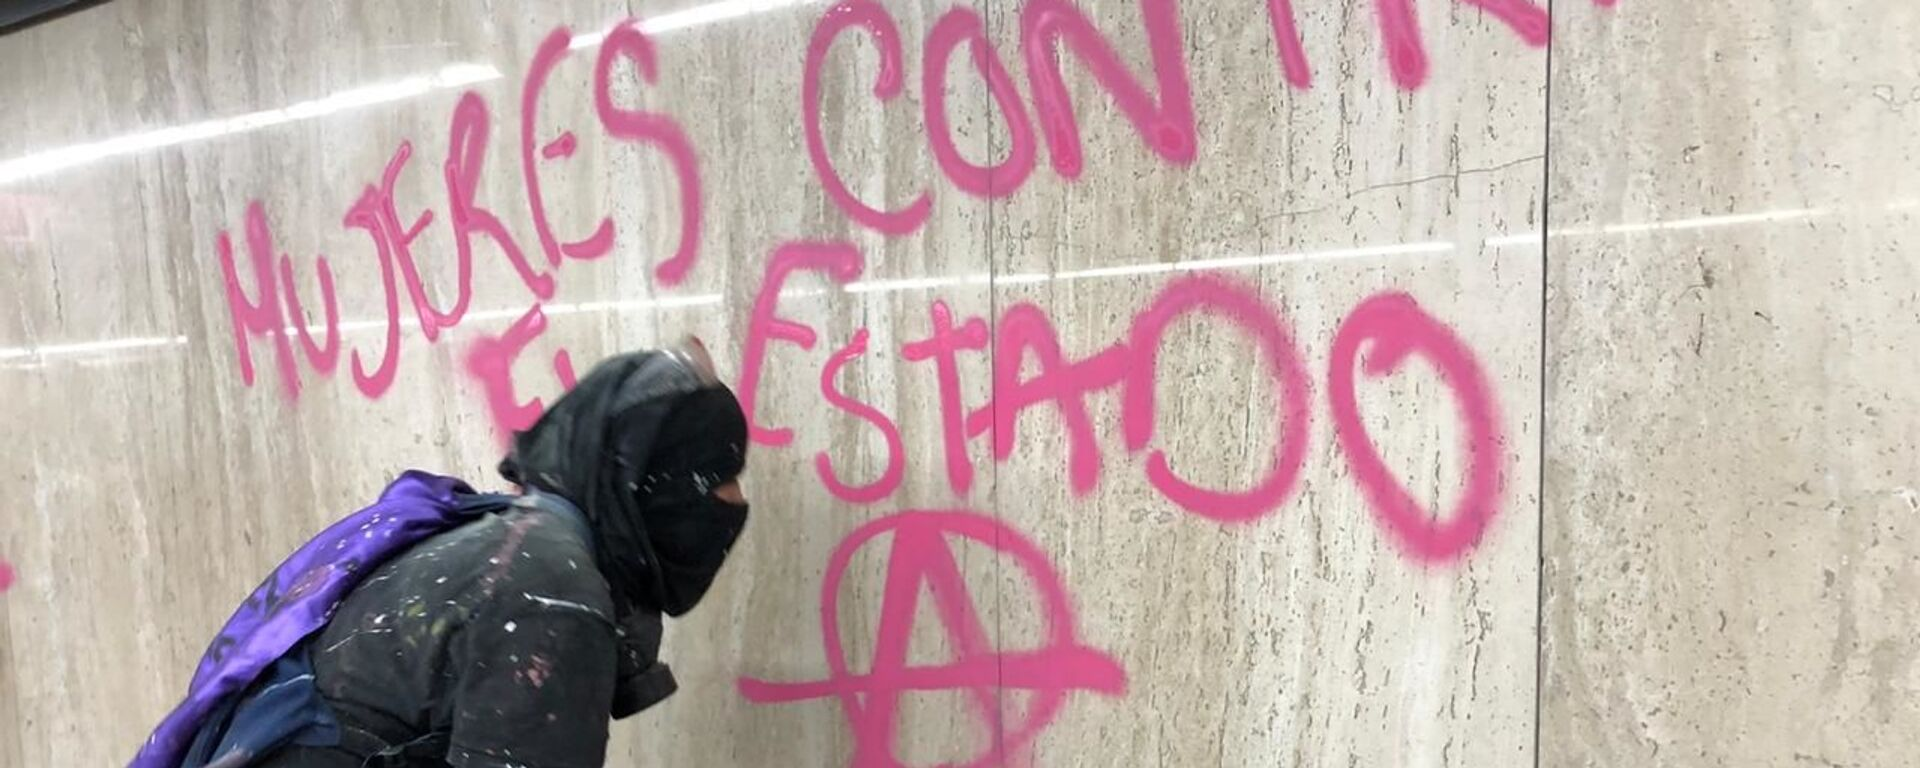 Una participante de la megamarcha feminista en la Ciudad de México, el 25 de noviembre de 2020 - Sputnik Mundo, 1920, 03.06.2021